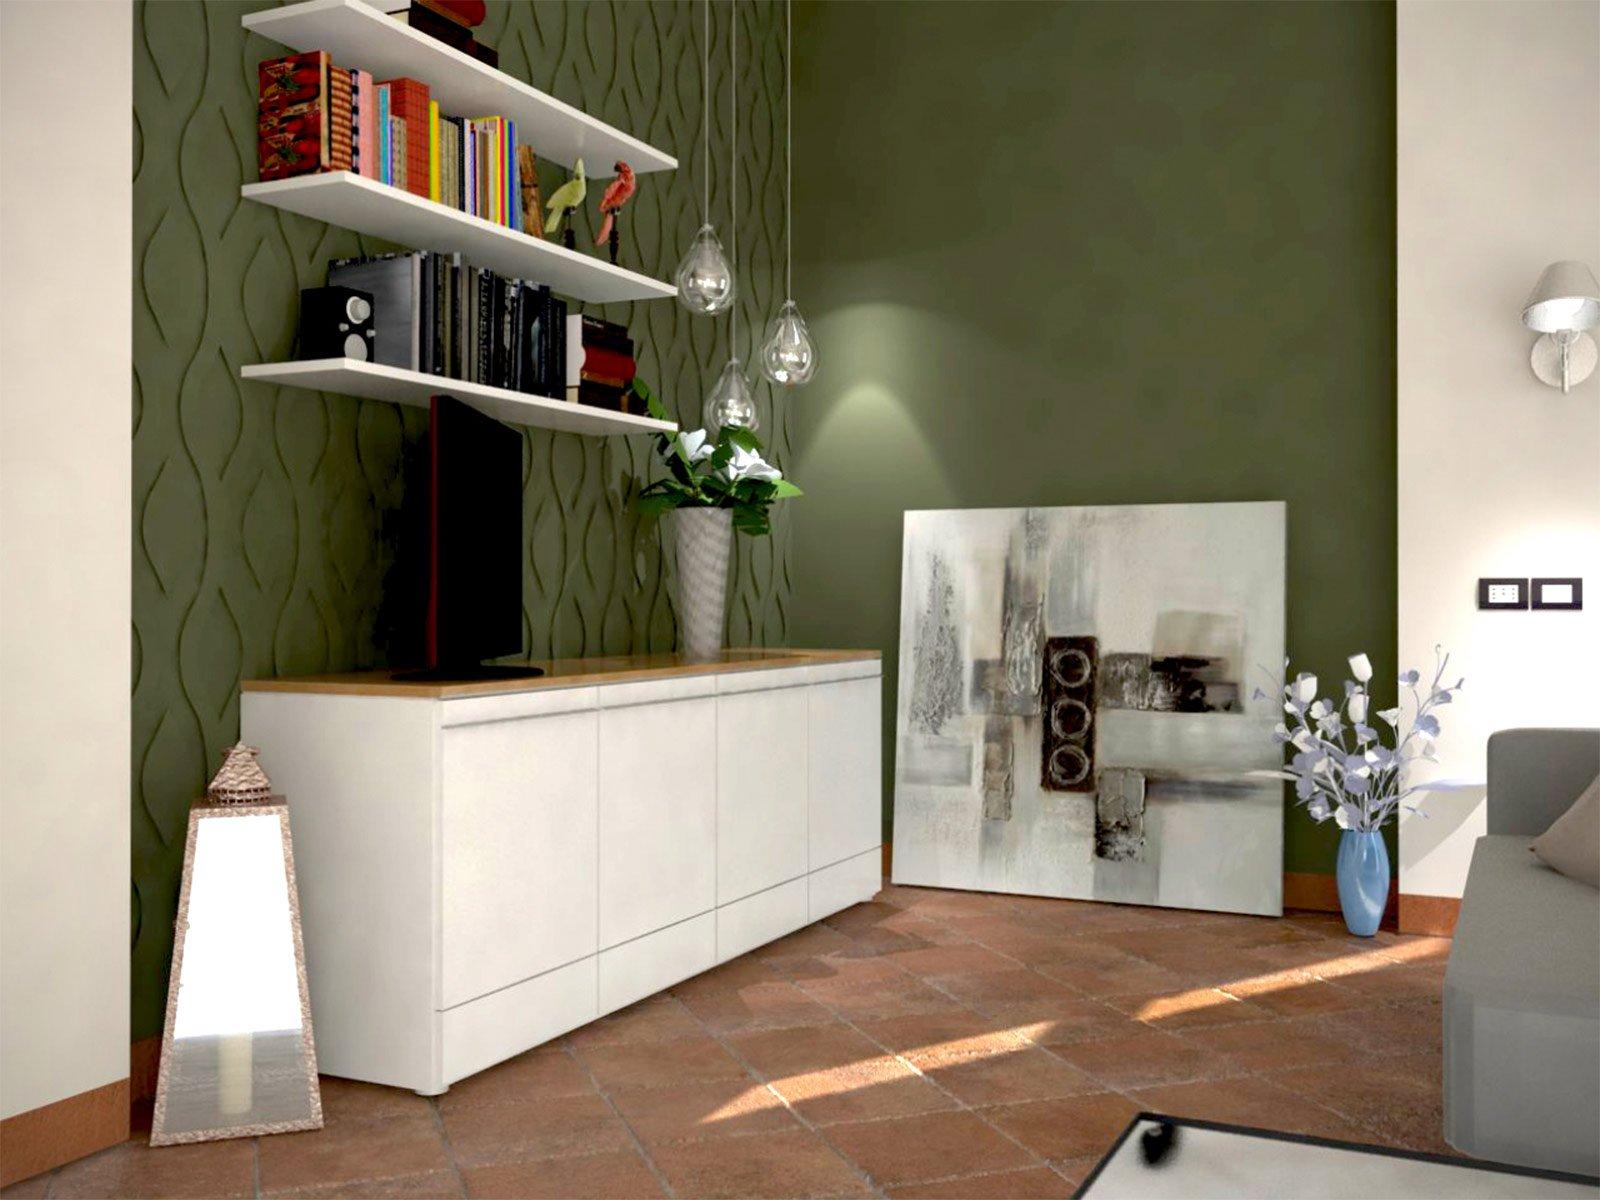 Pavimento in cotto e arredamento moderno cose di casa for Pareti colori moderni